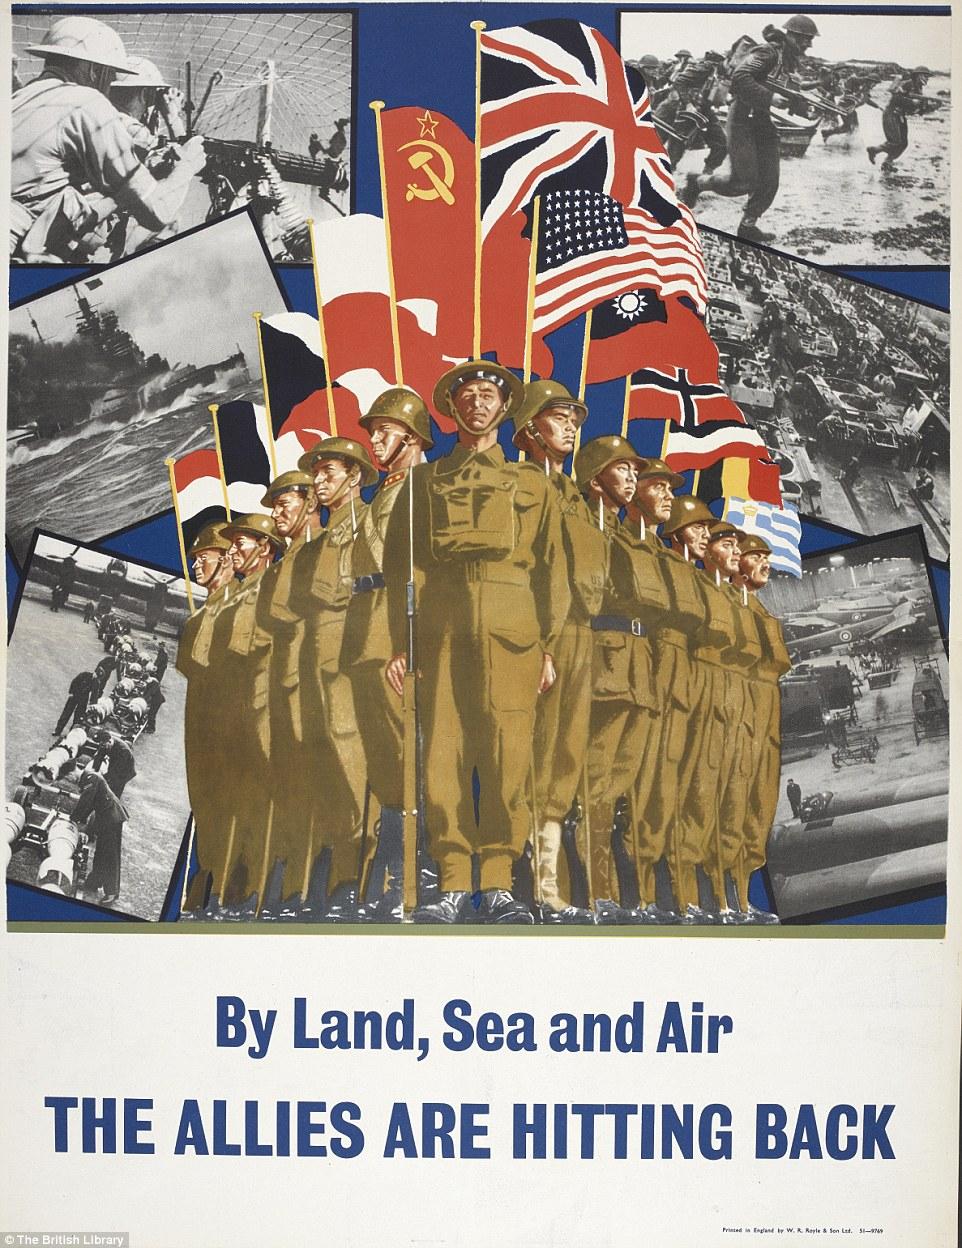 二战英国宣传画,充满正能量,打败纳粹立奇功